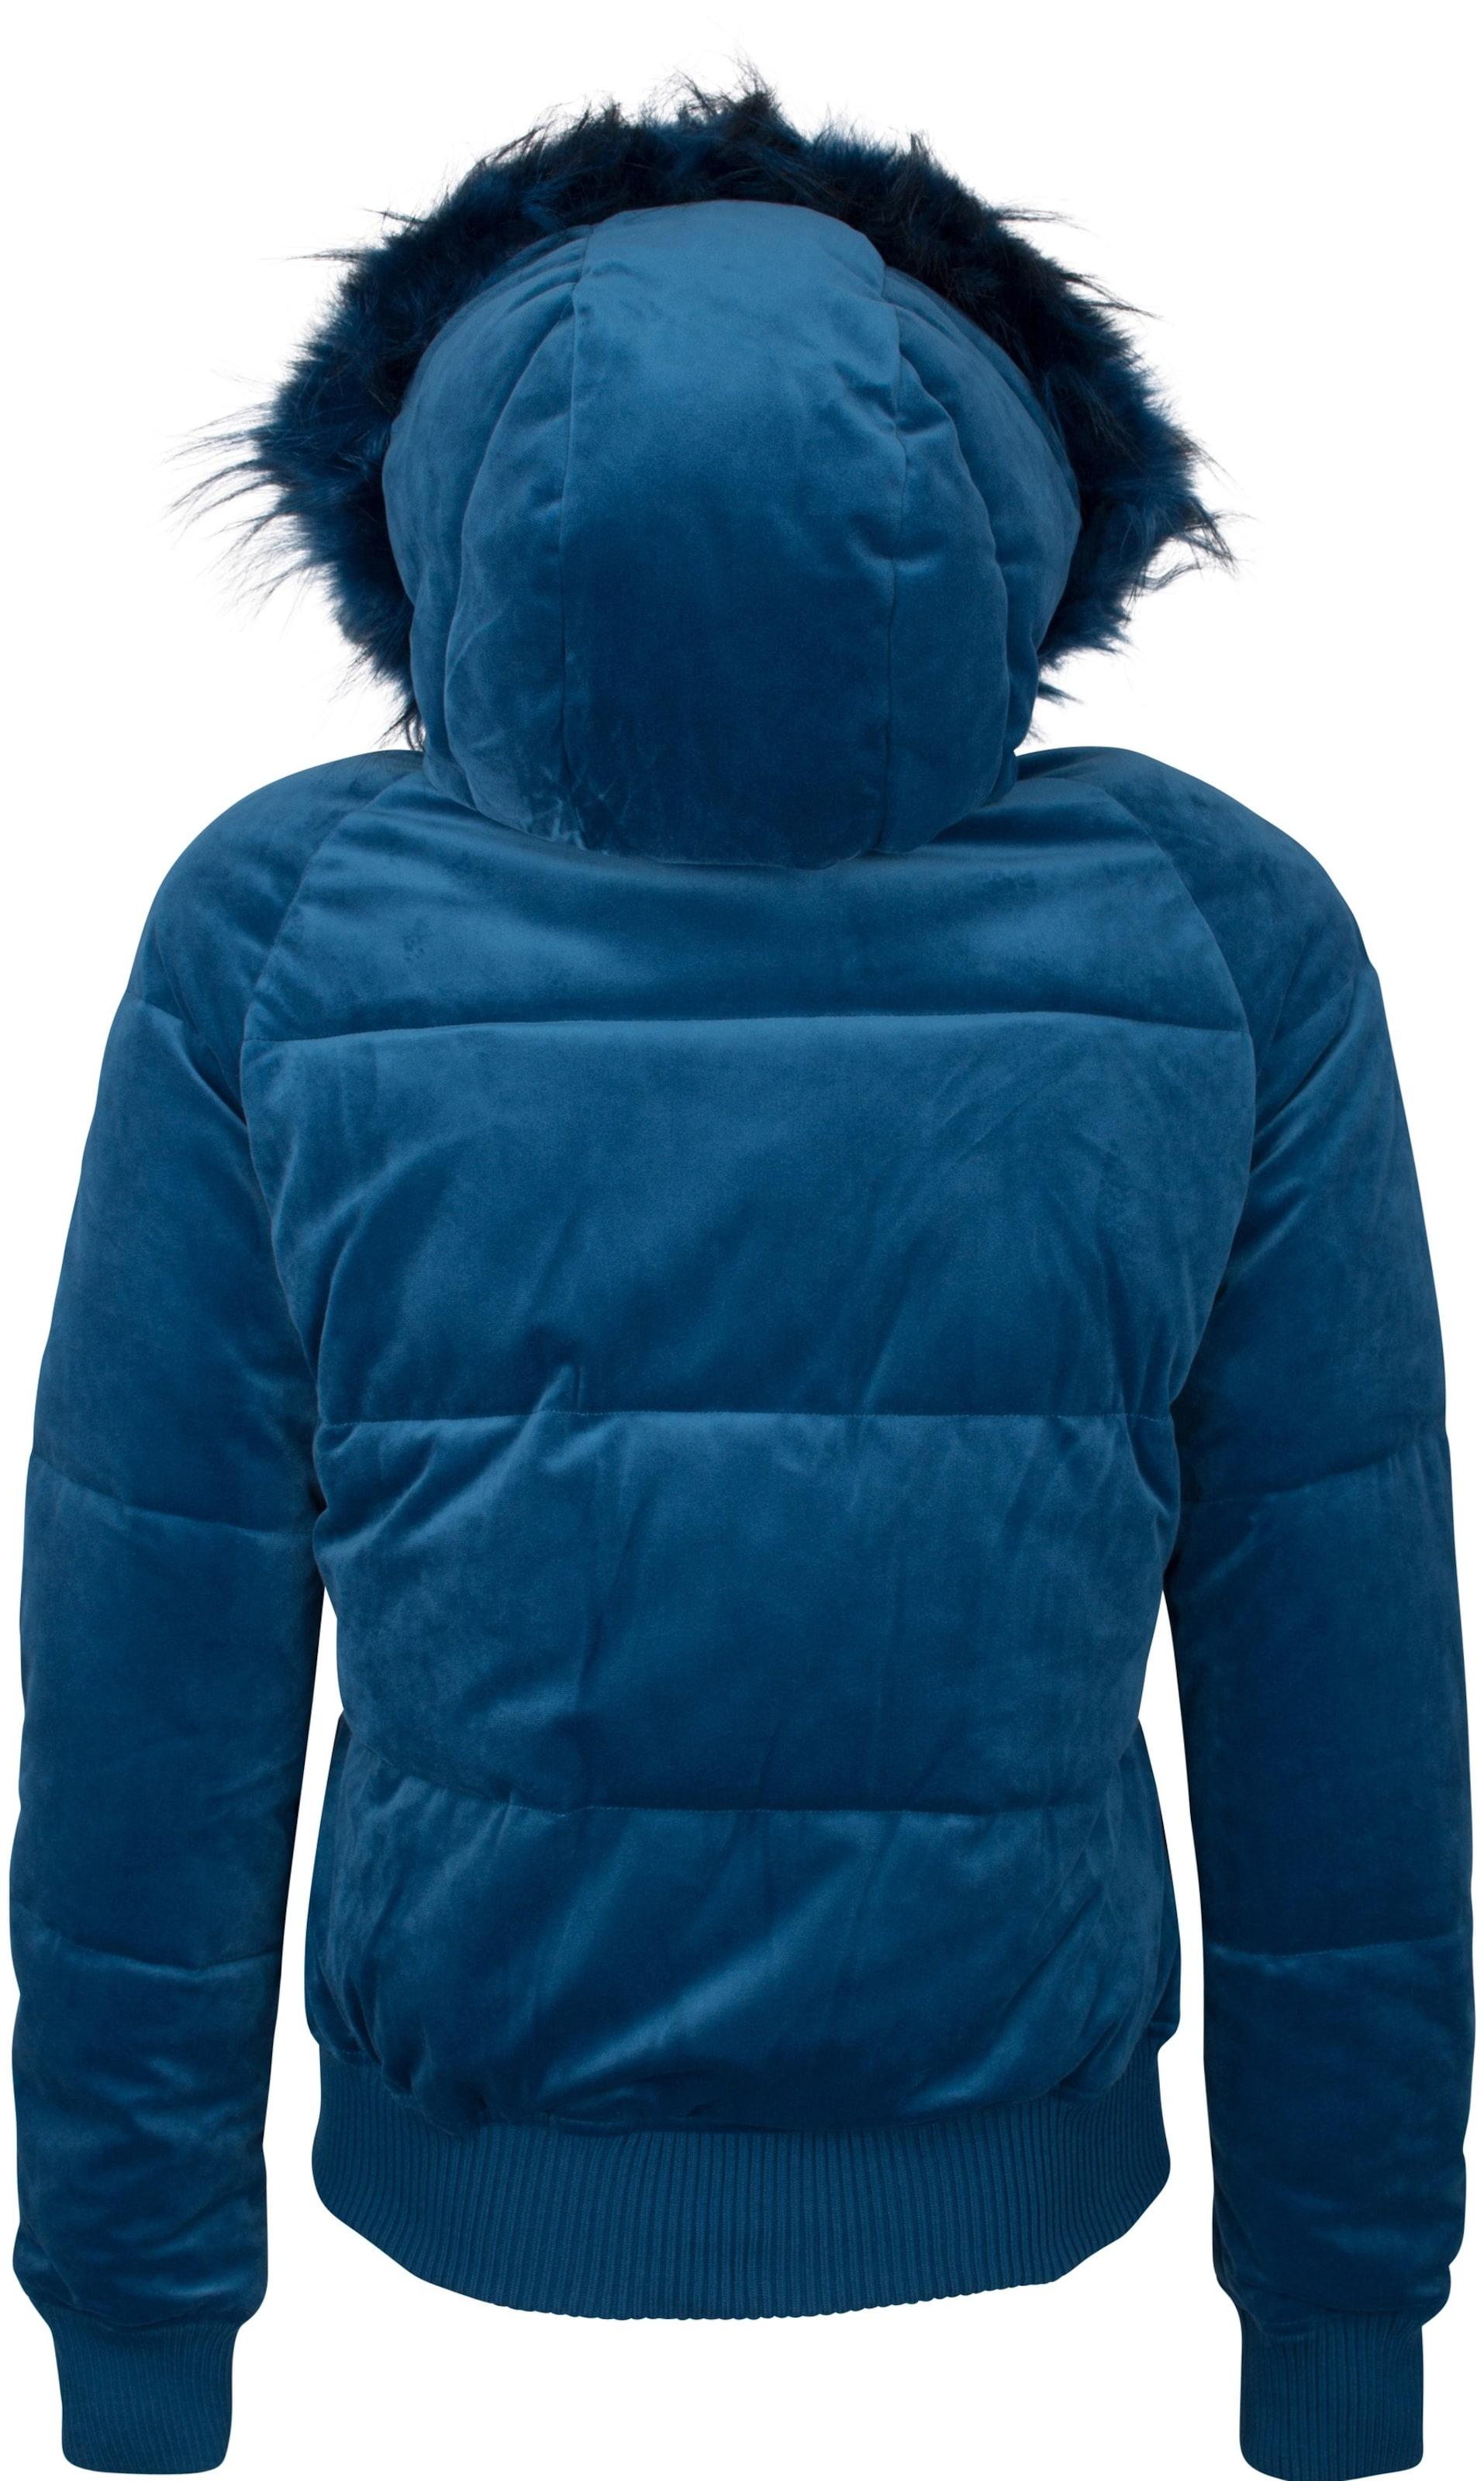 Dry LaundryVeste Dry D'hiver LaundryVeste In Dry LaundryVeste In Bleu D'hiver Bleu UzGqSMVp